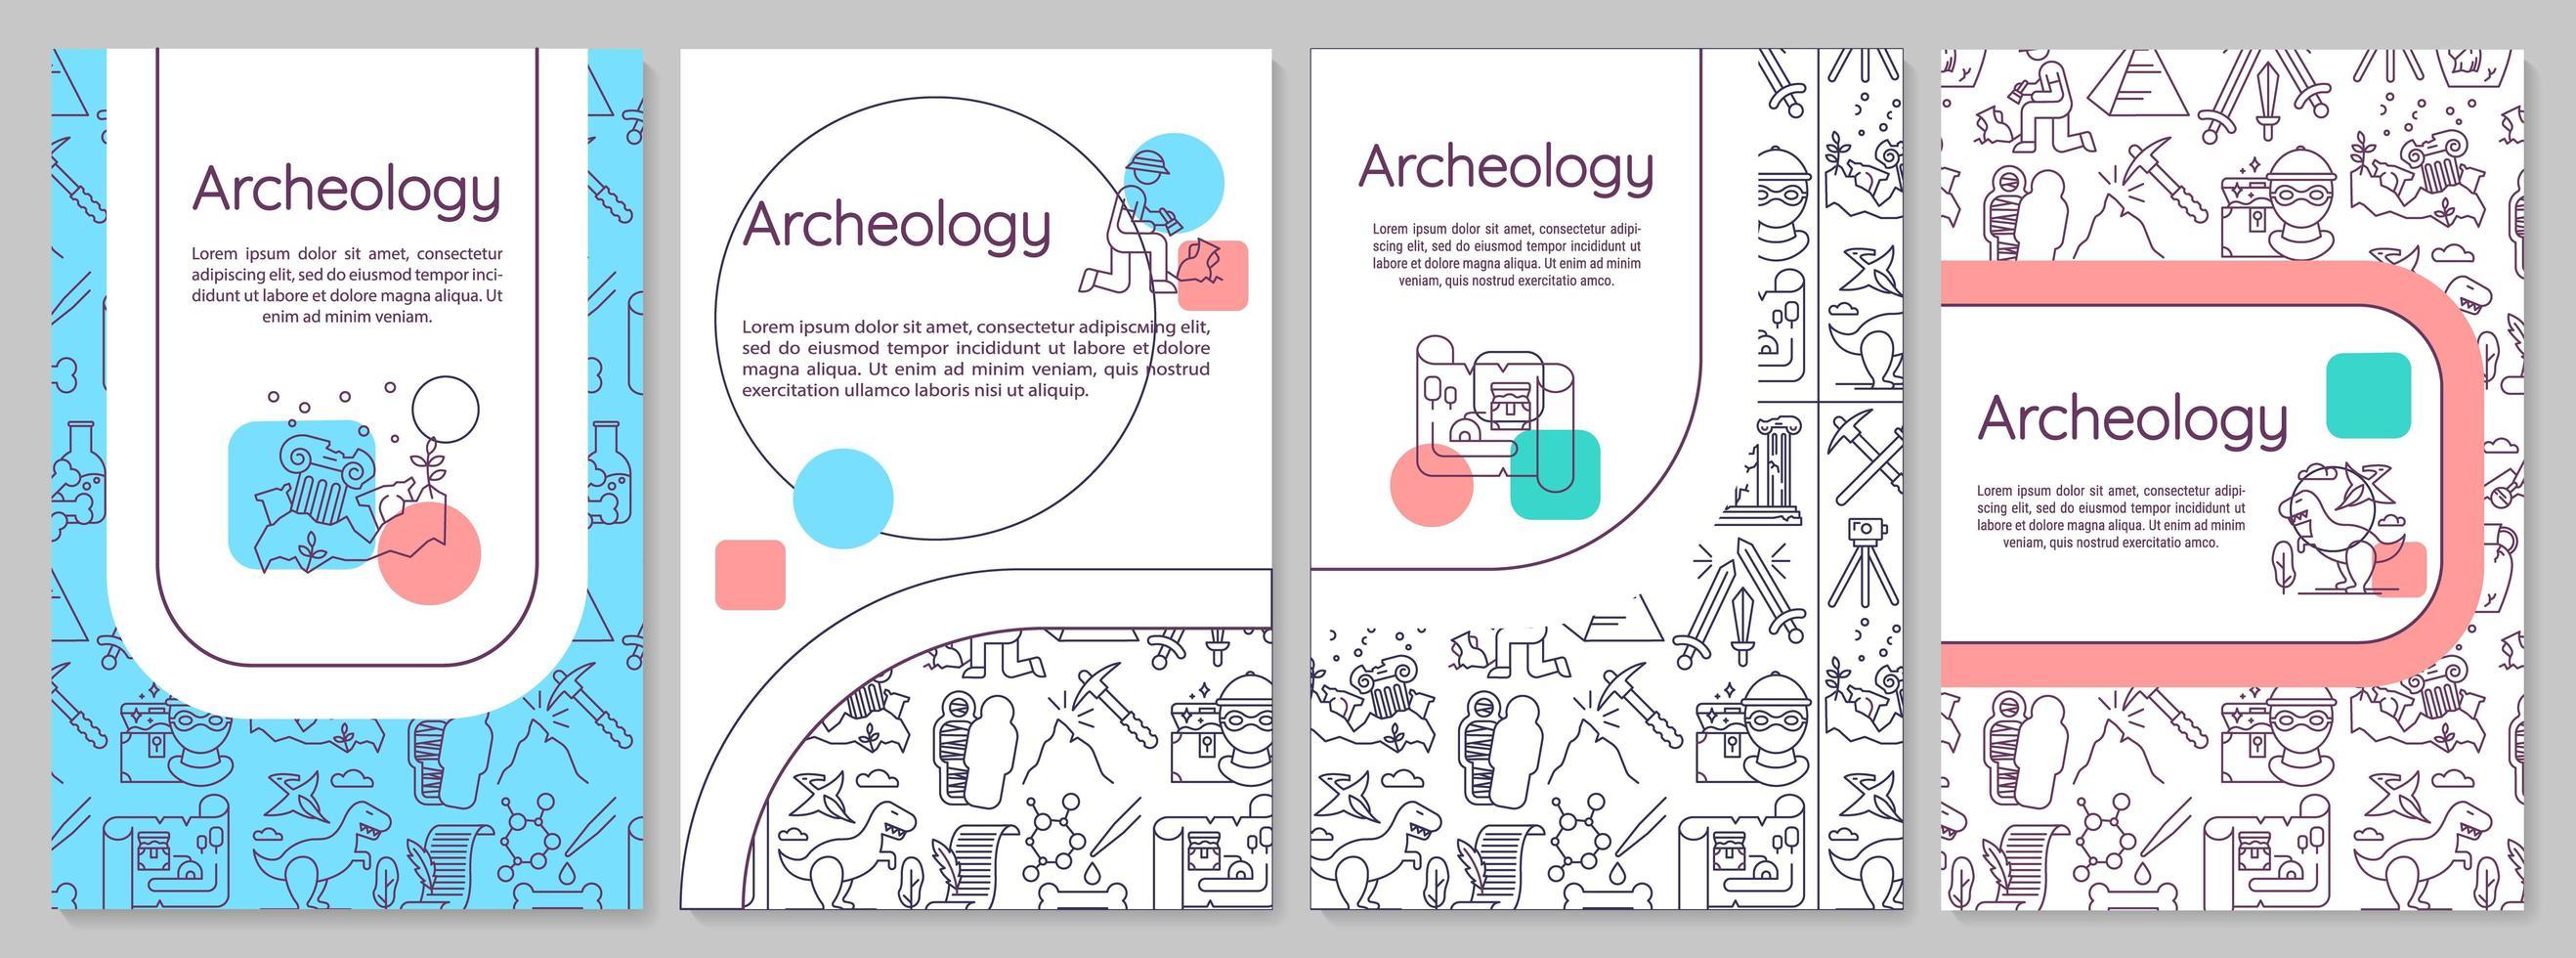 modelo de folheto de arqueologia. paleontologia e história. folheto, livreto, impressão de folheto, design da capa com ícones lineares. vetor